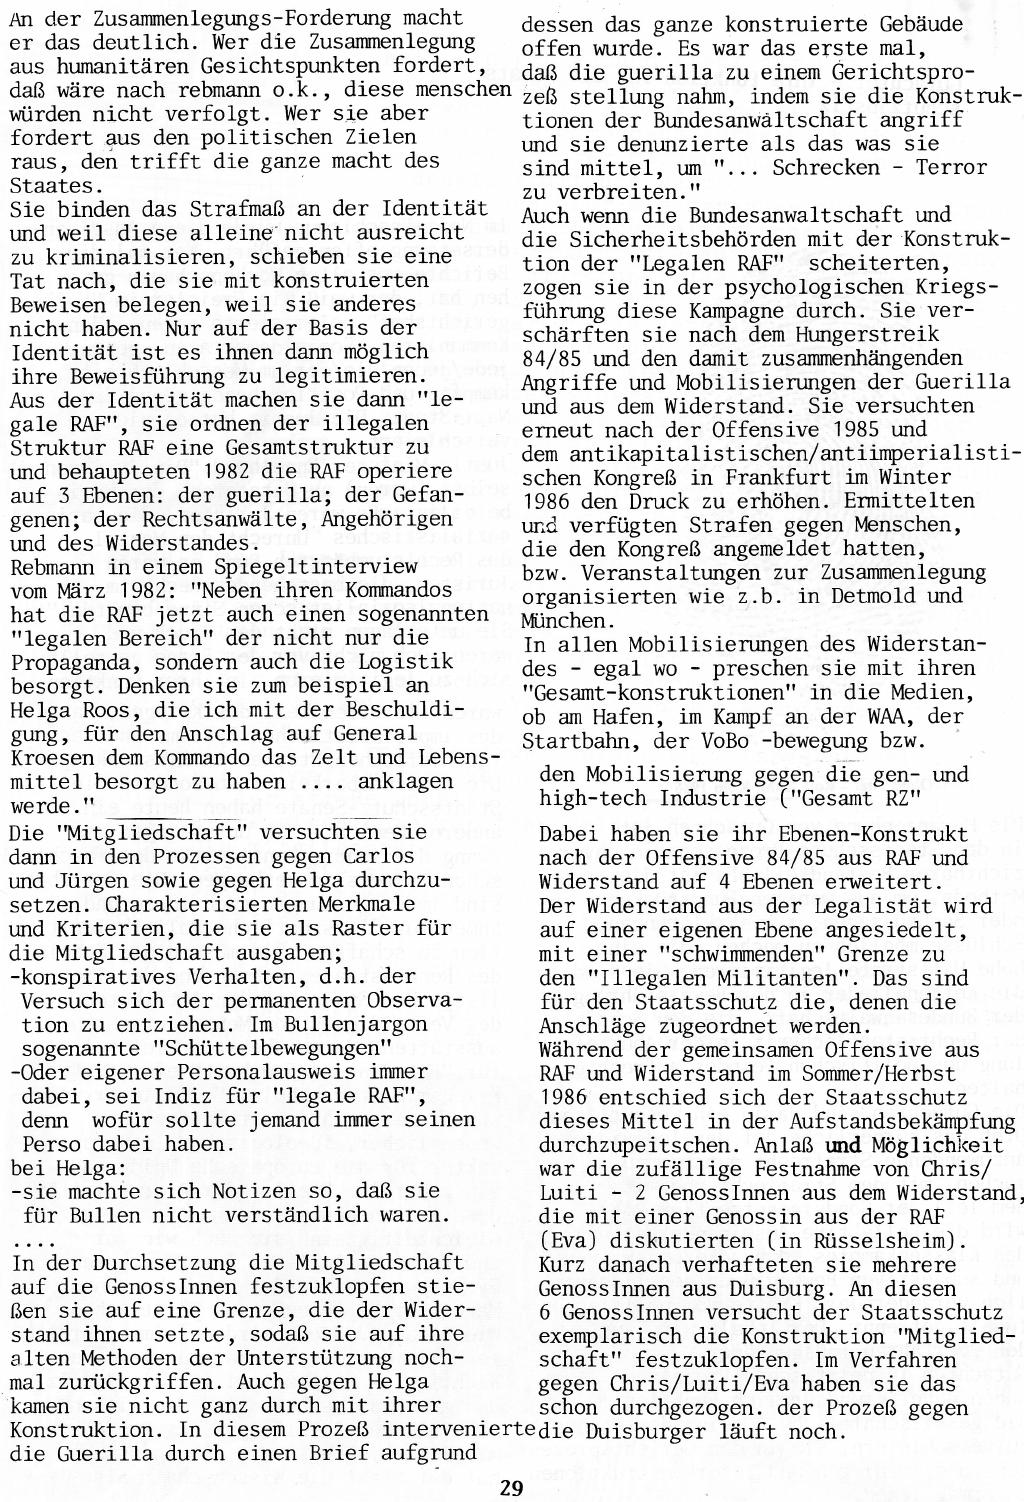 Duesseldorf_1989_Sechs_Politische_Gefangene_029